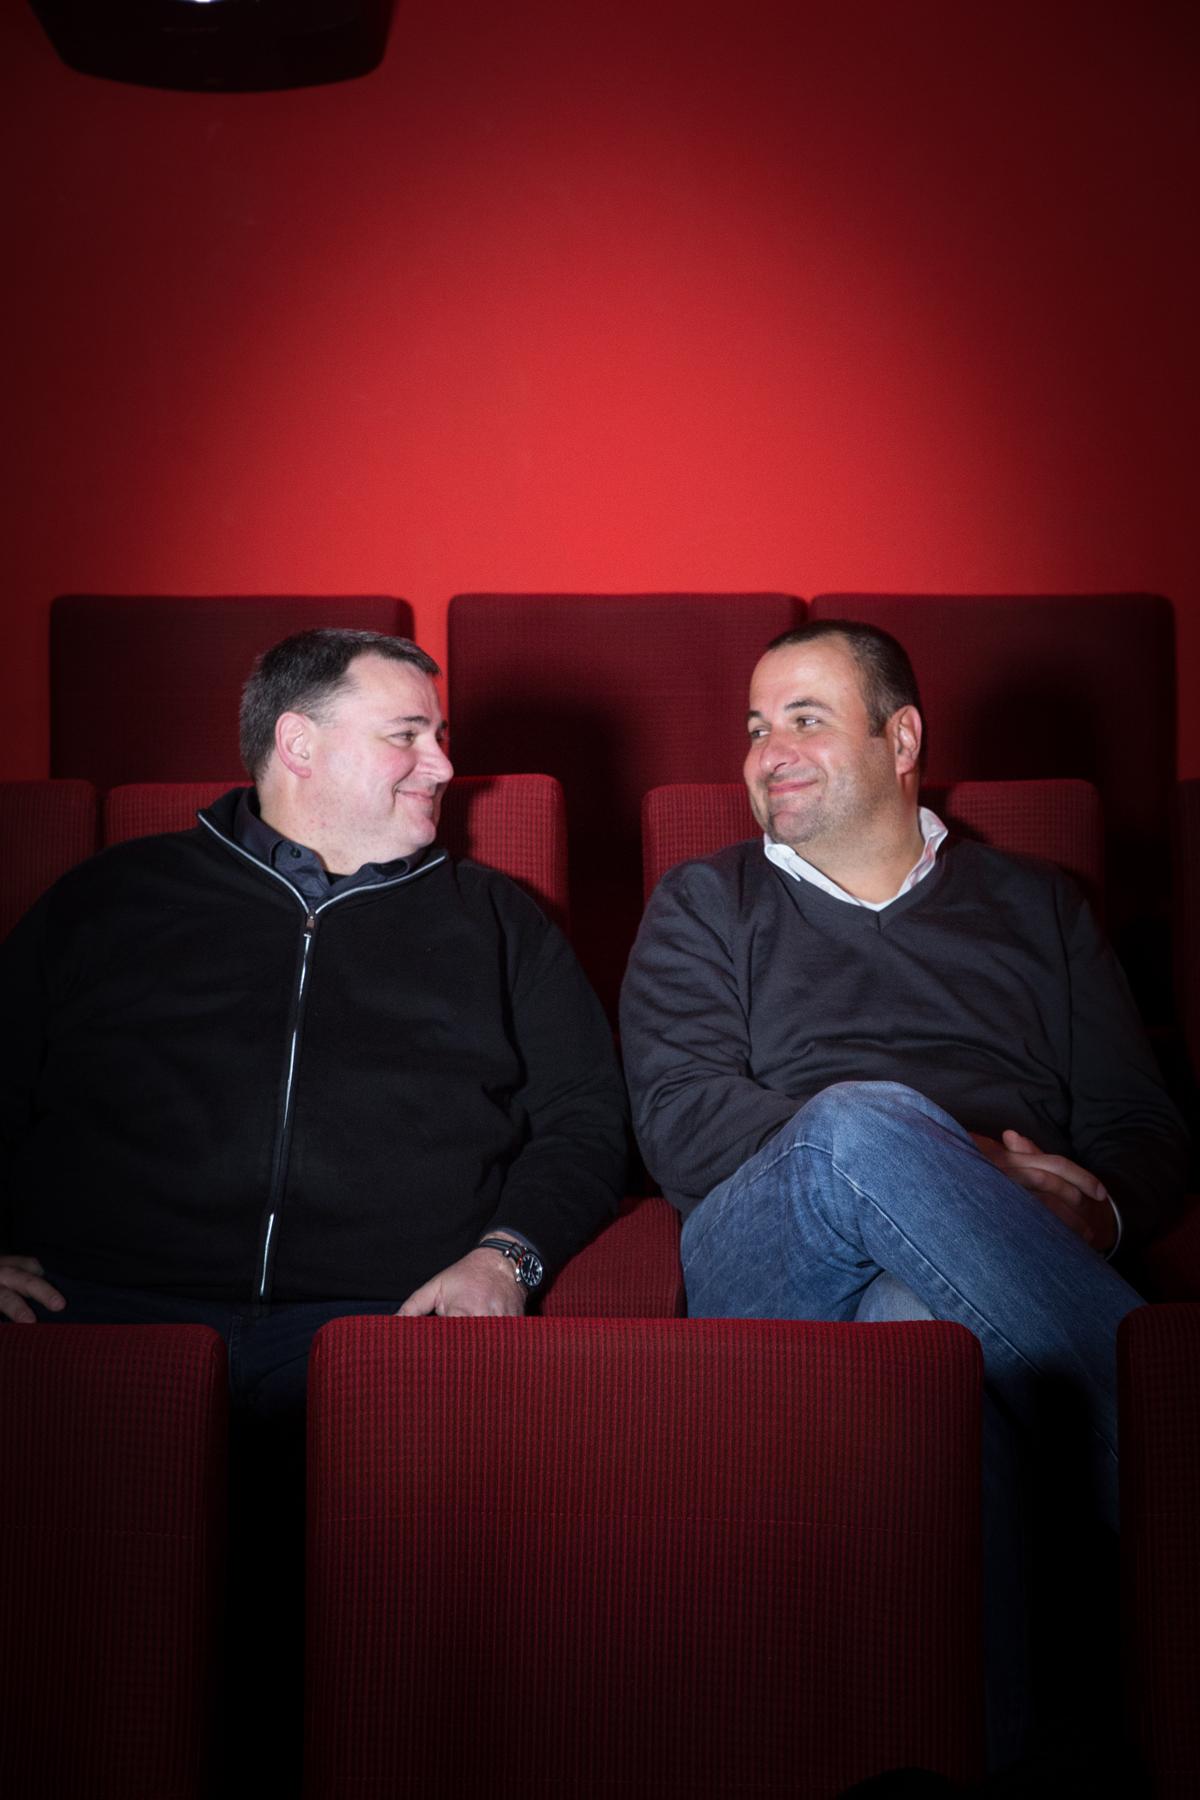 Thilo & Klaus Proff, Maximus Film